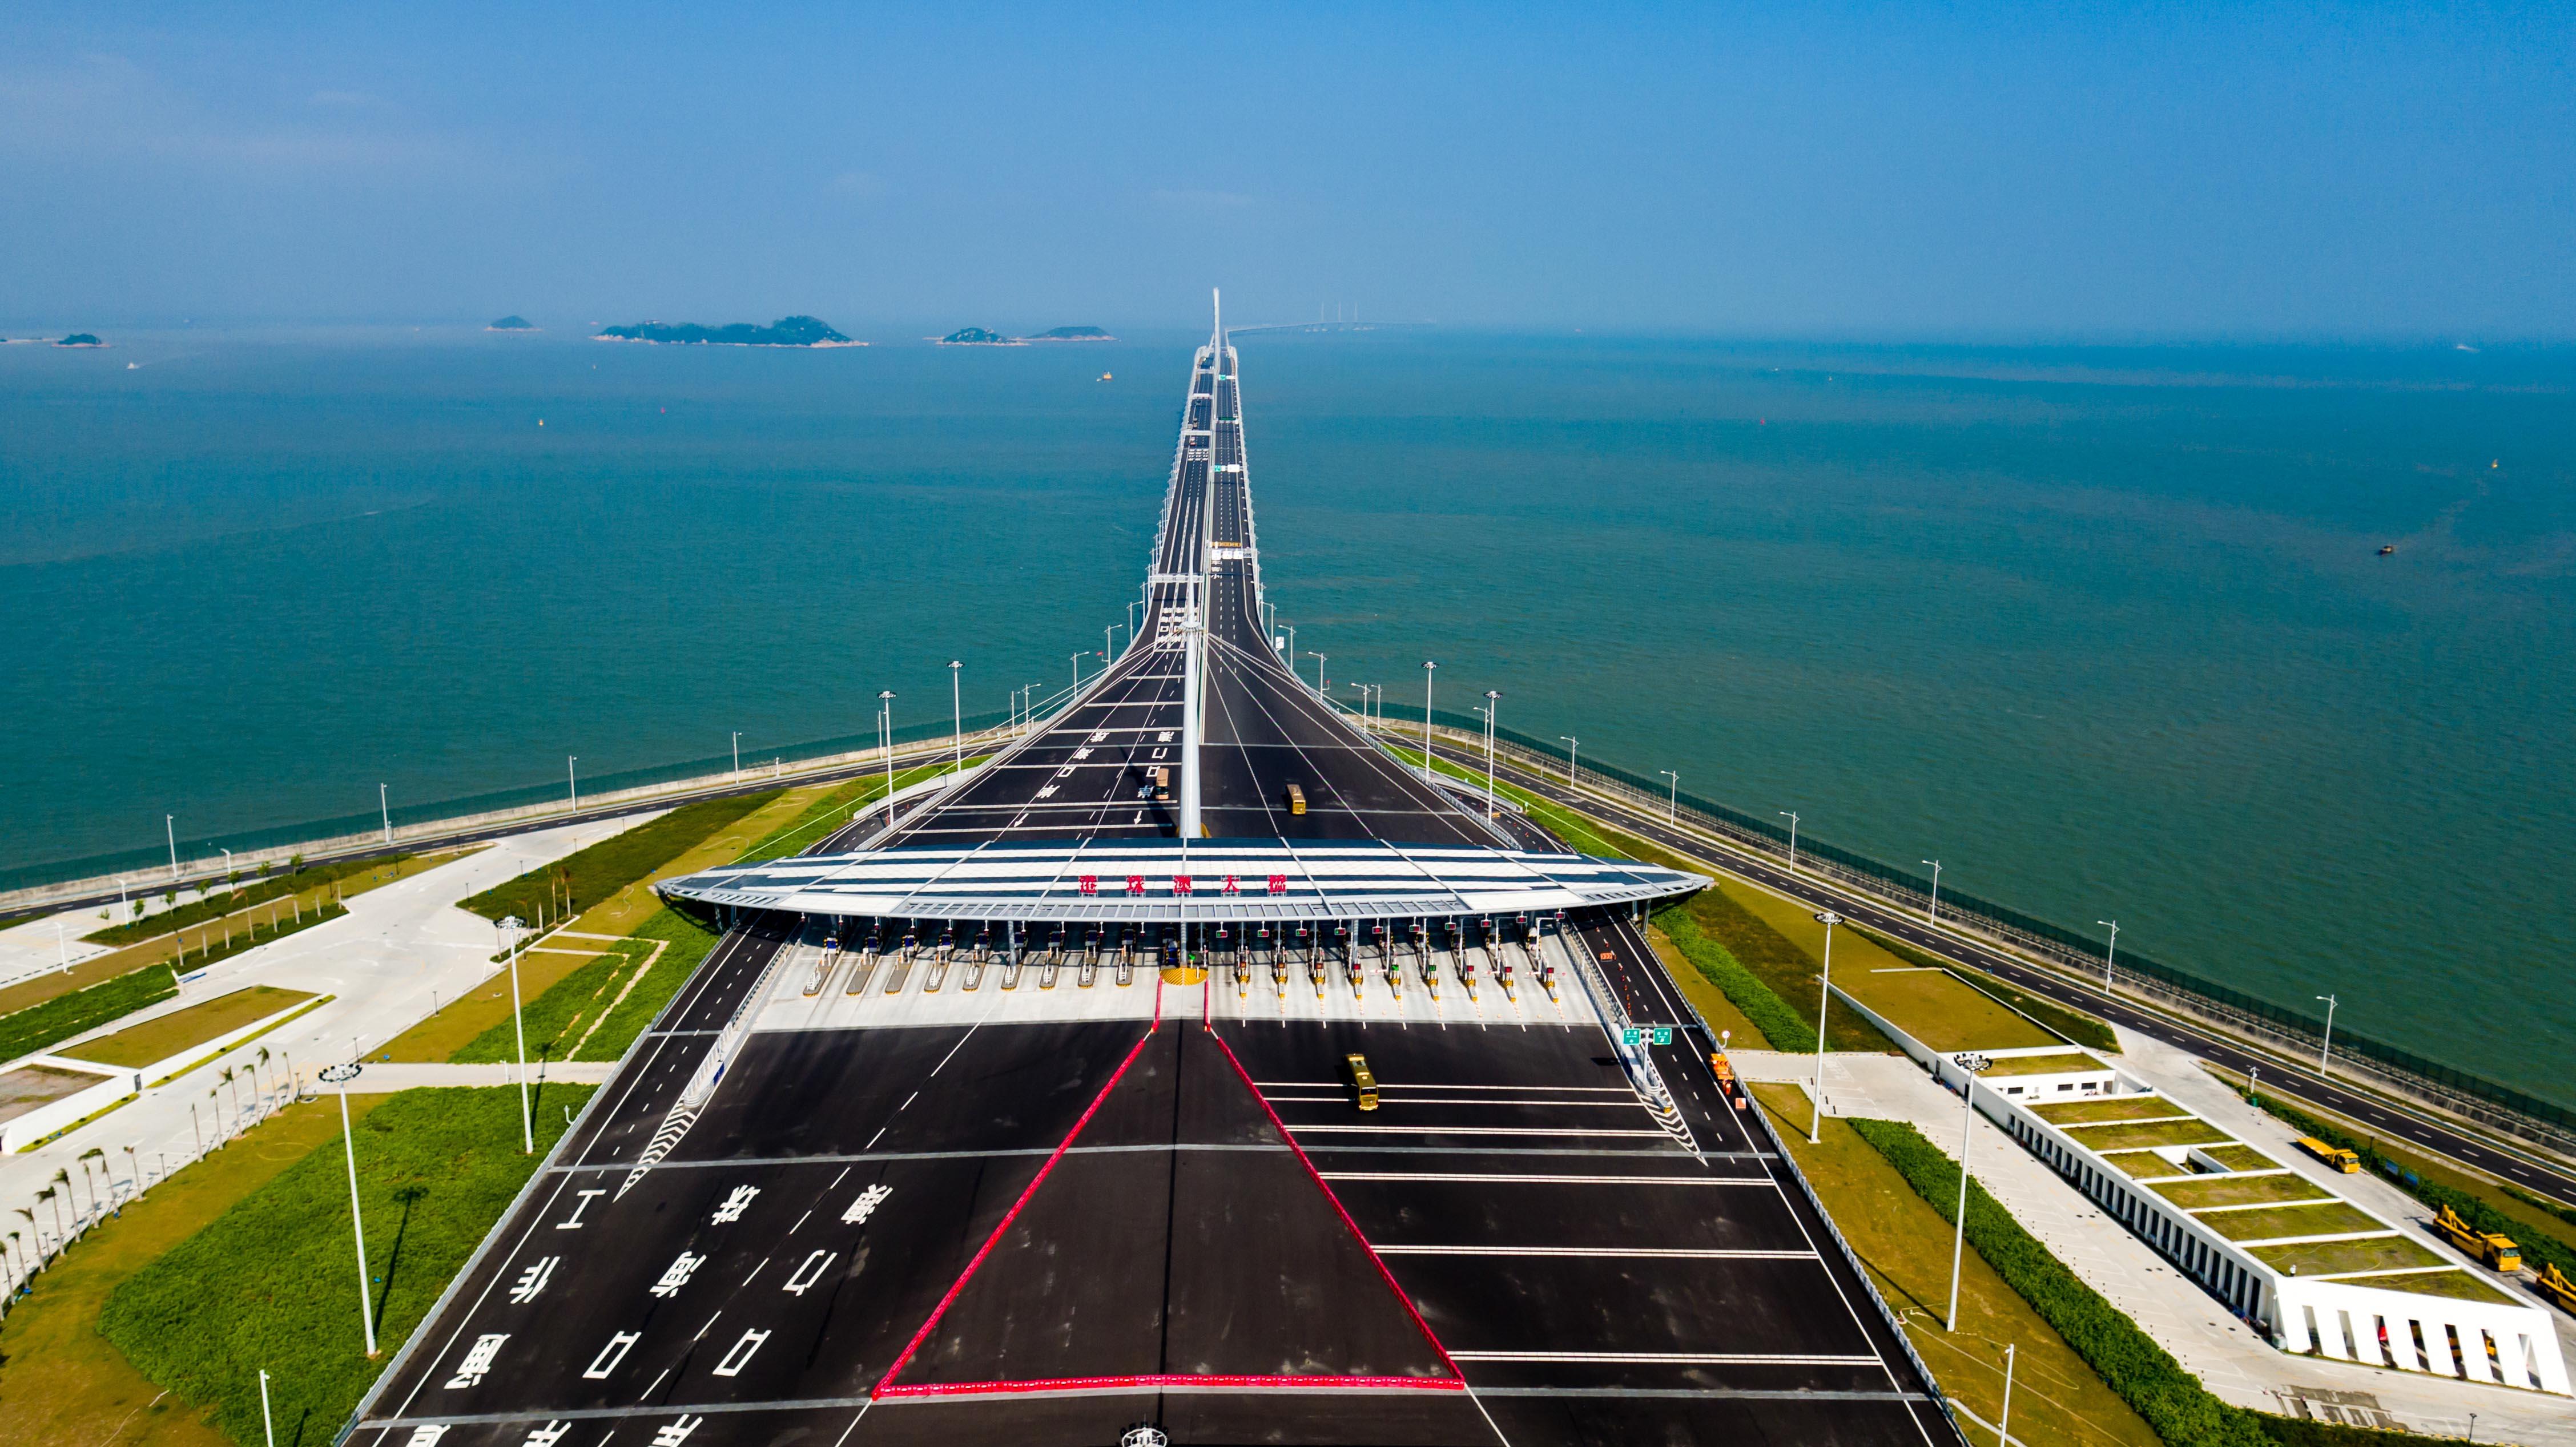 港珠澳大橋、開通1周年 通行人数1400万人、車両台数150万台を突破